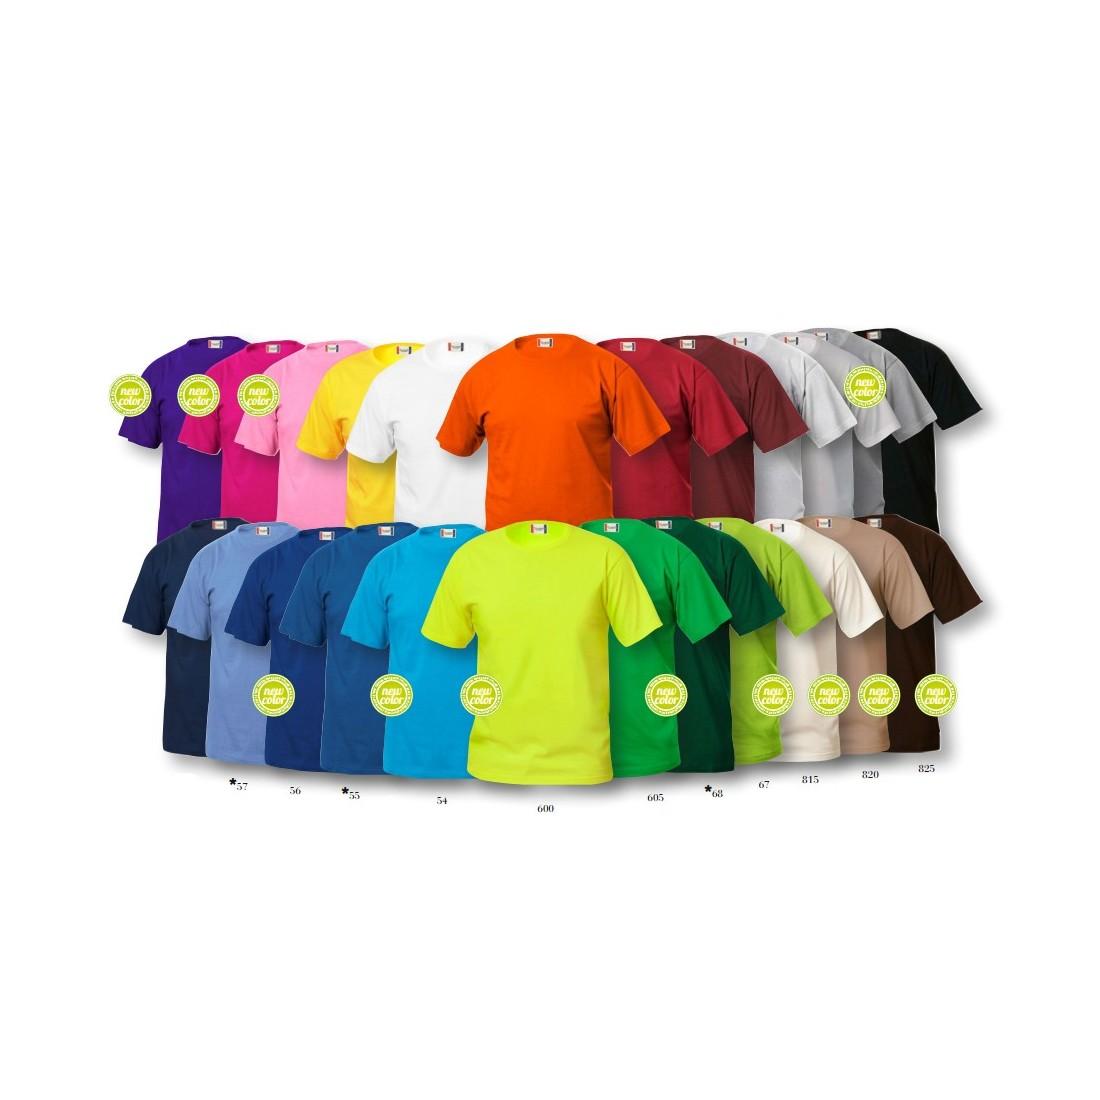 Camiseta básica unisex manga corta colores Basic T